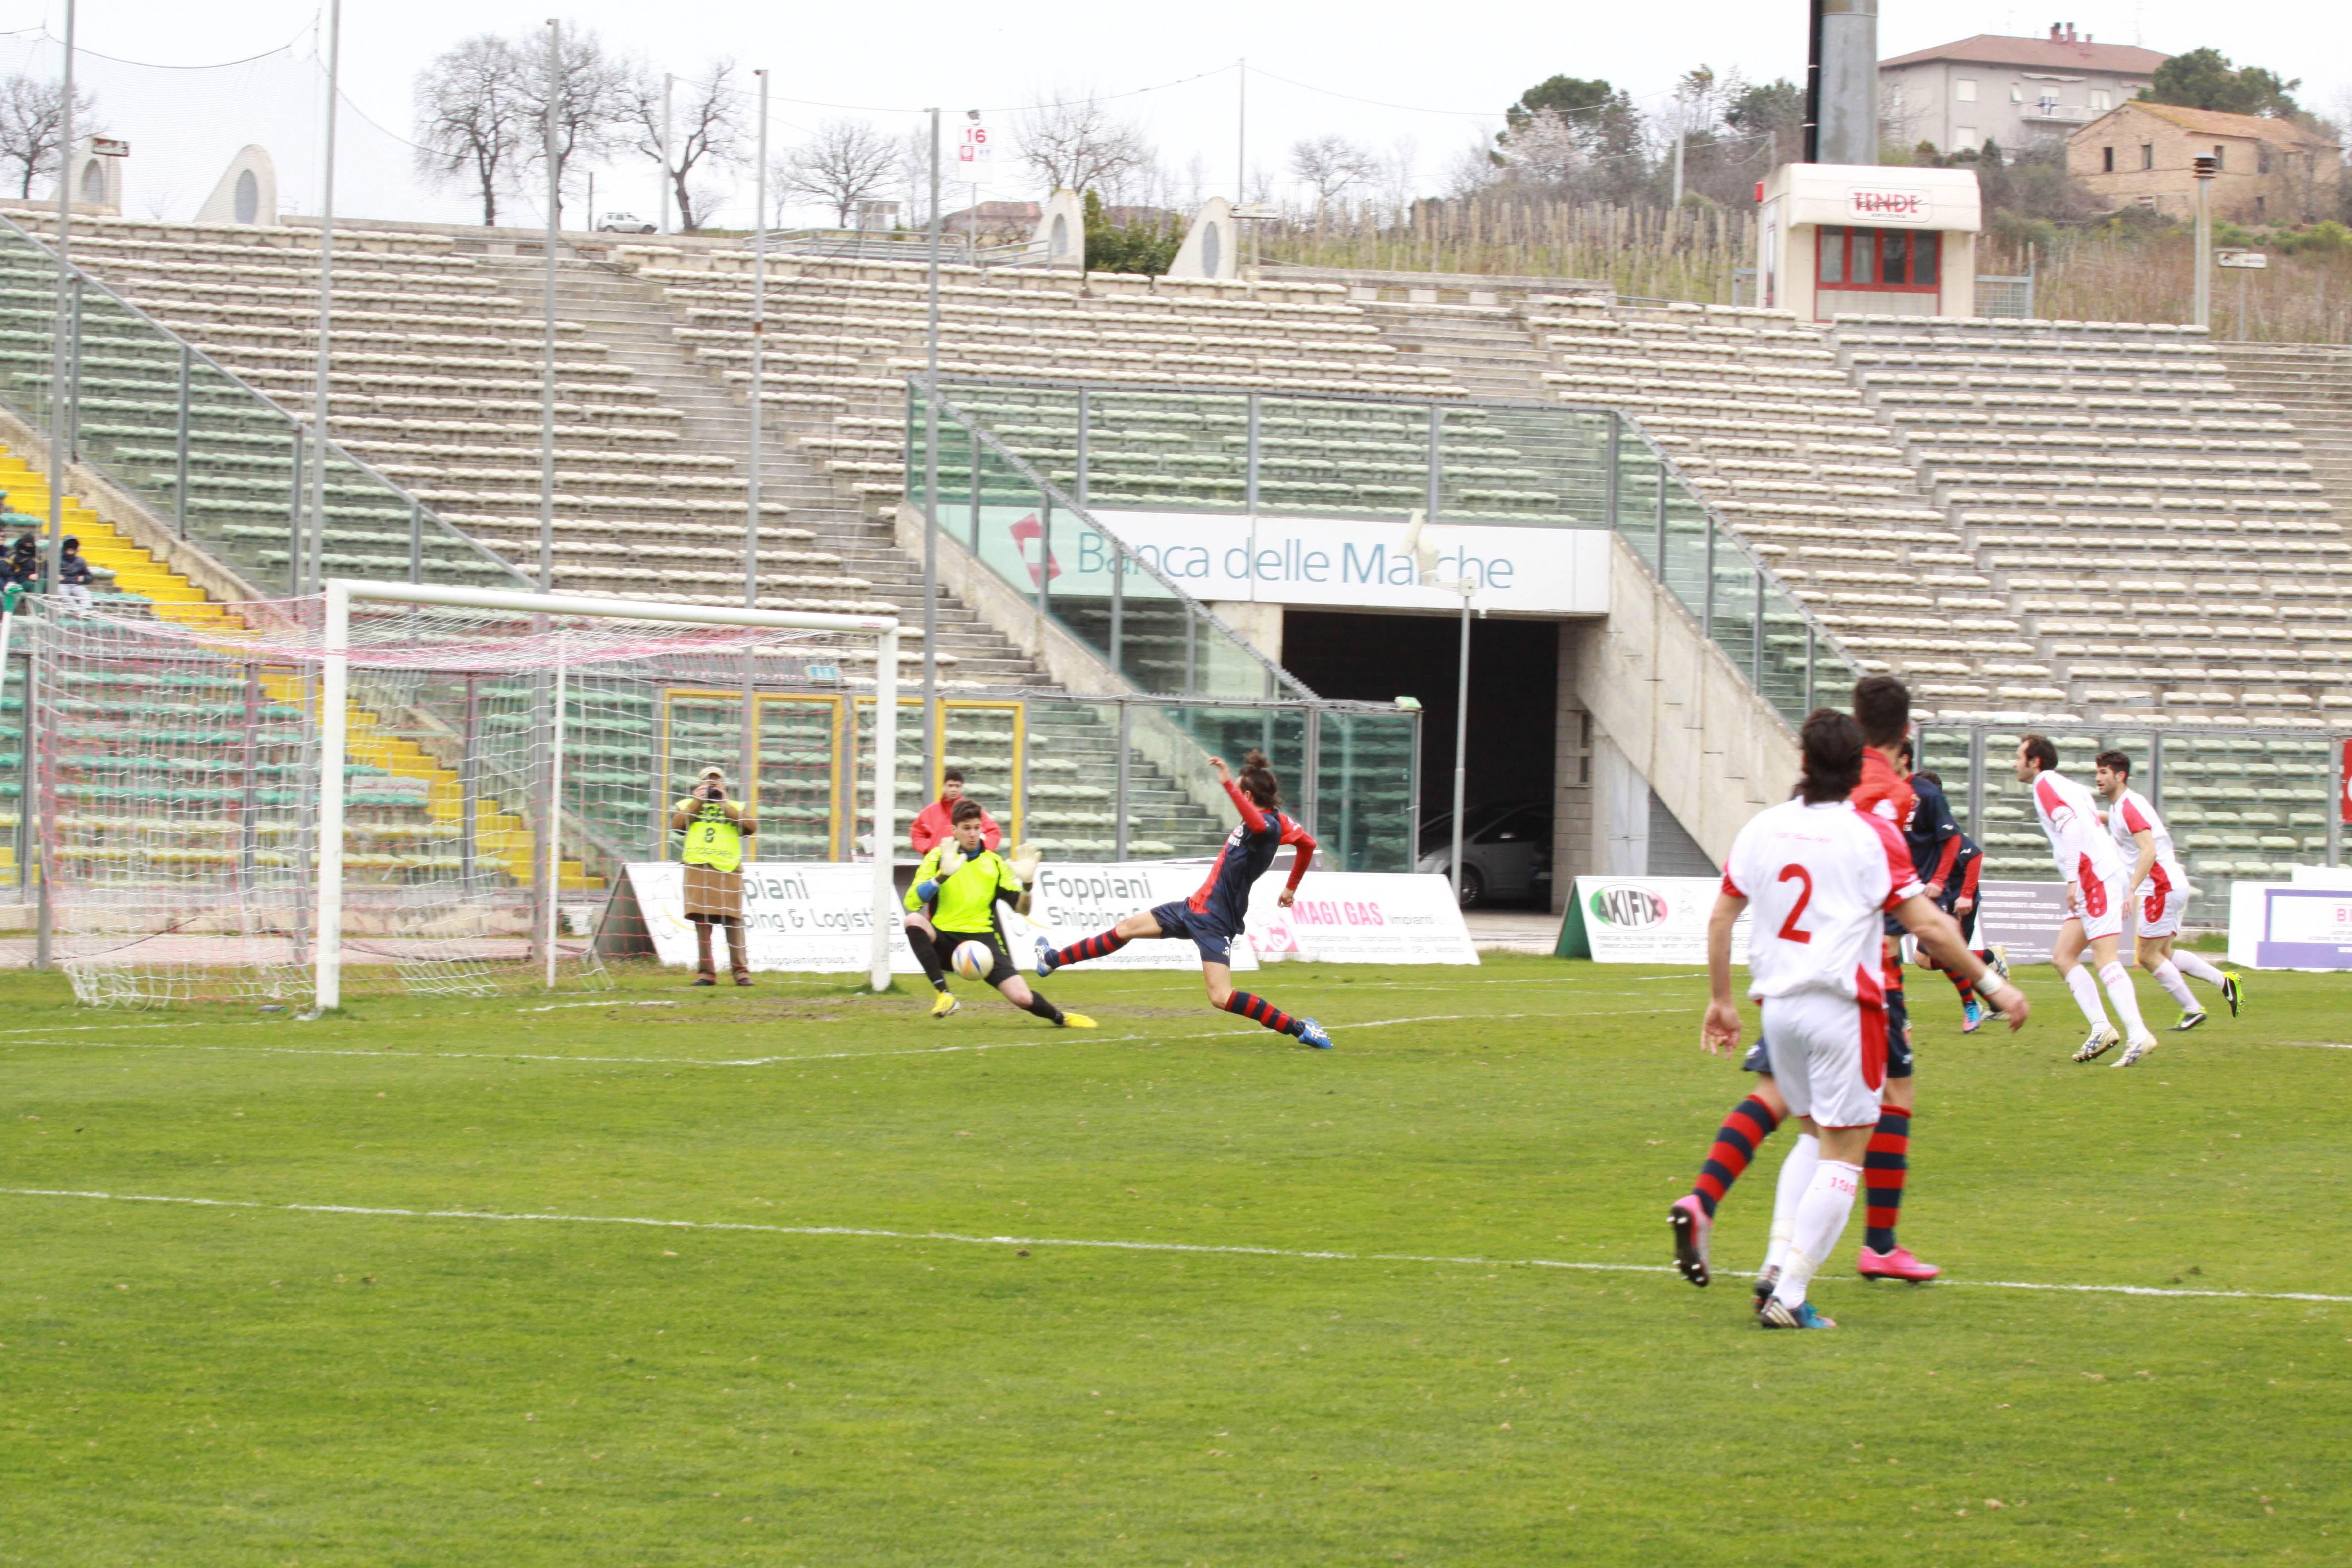 Ancona-Samb, zampata di Ianni, ed è 1-1 (bianchini)